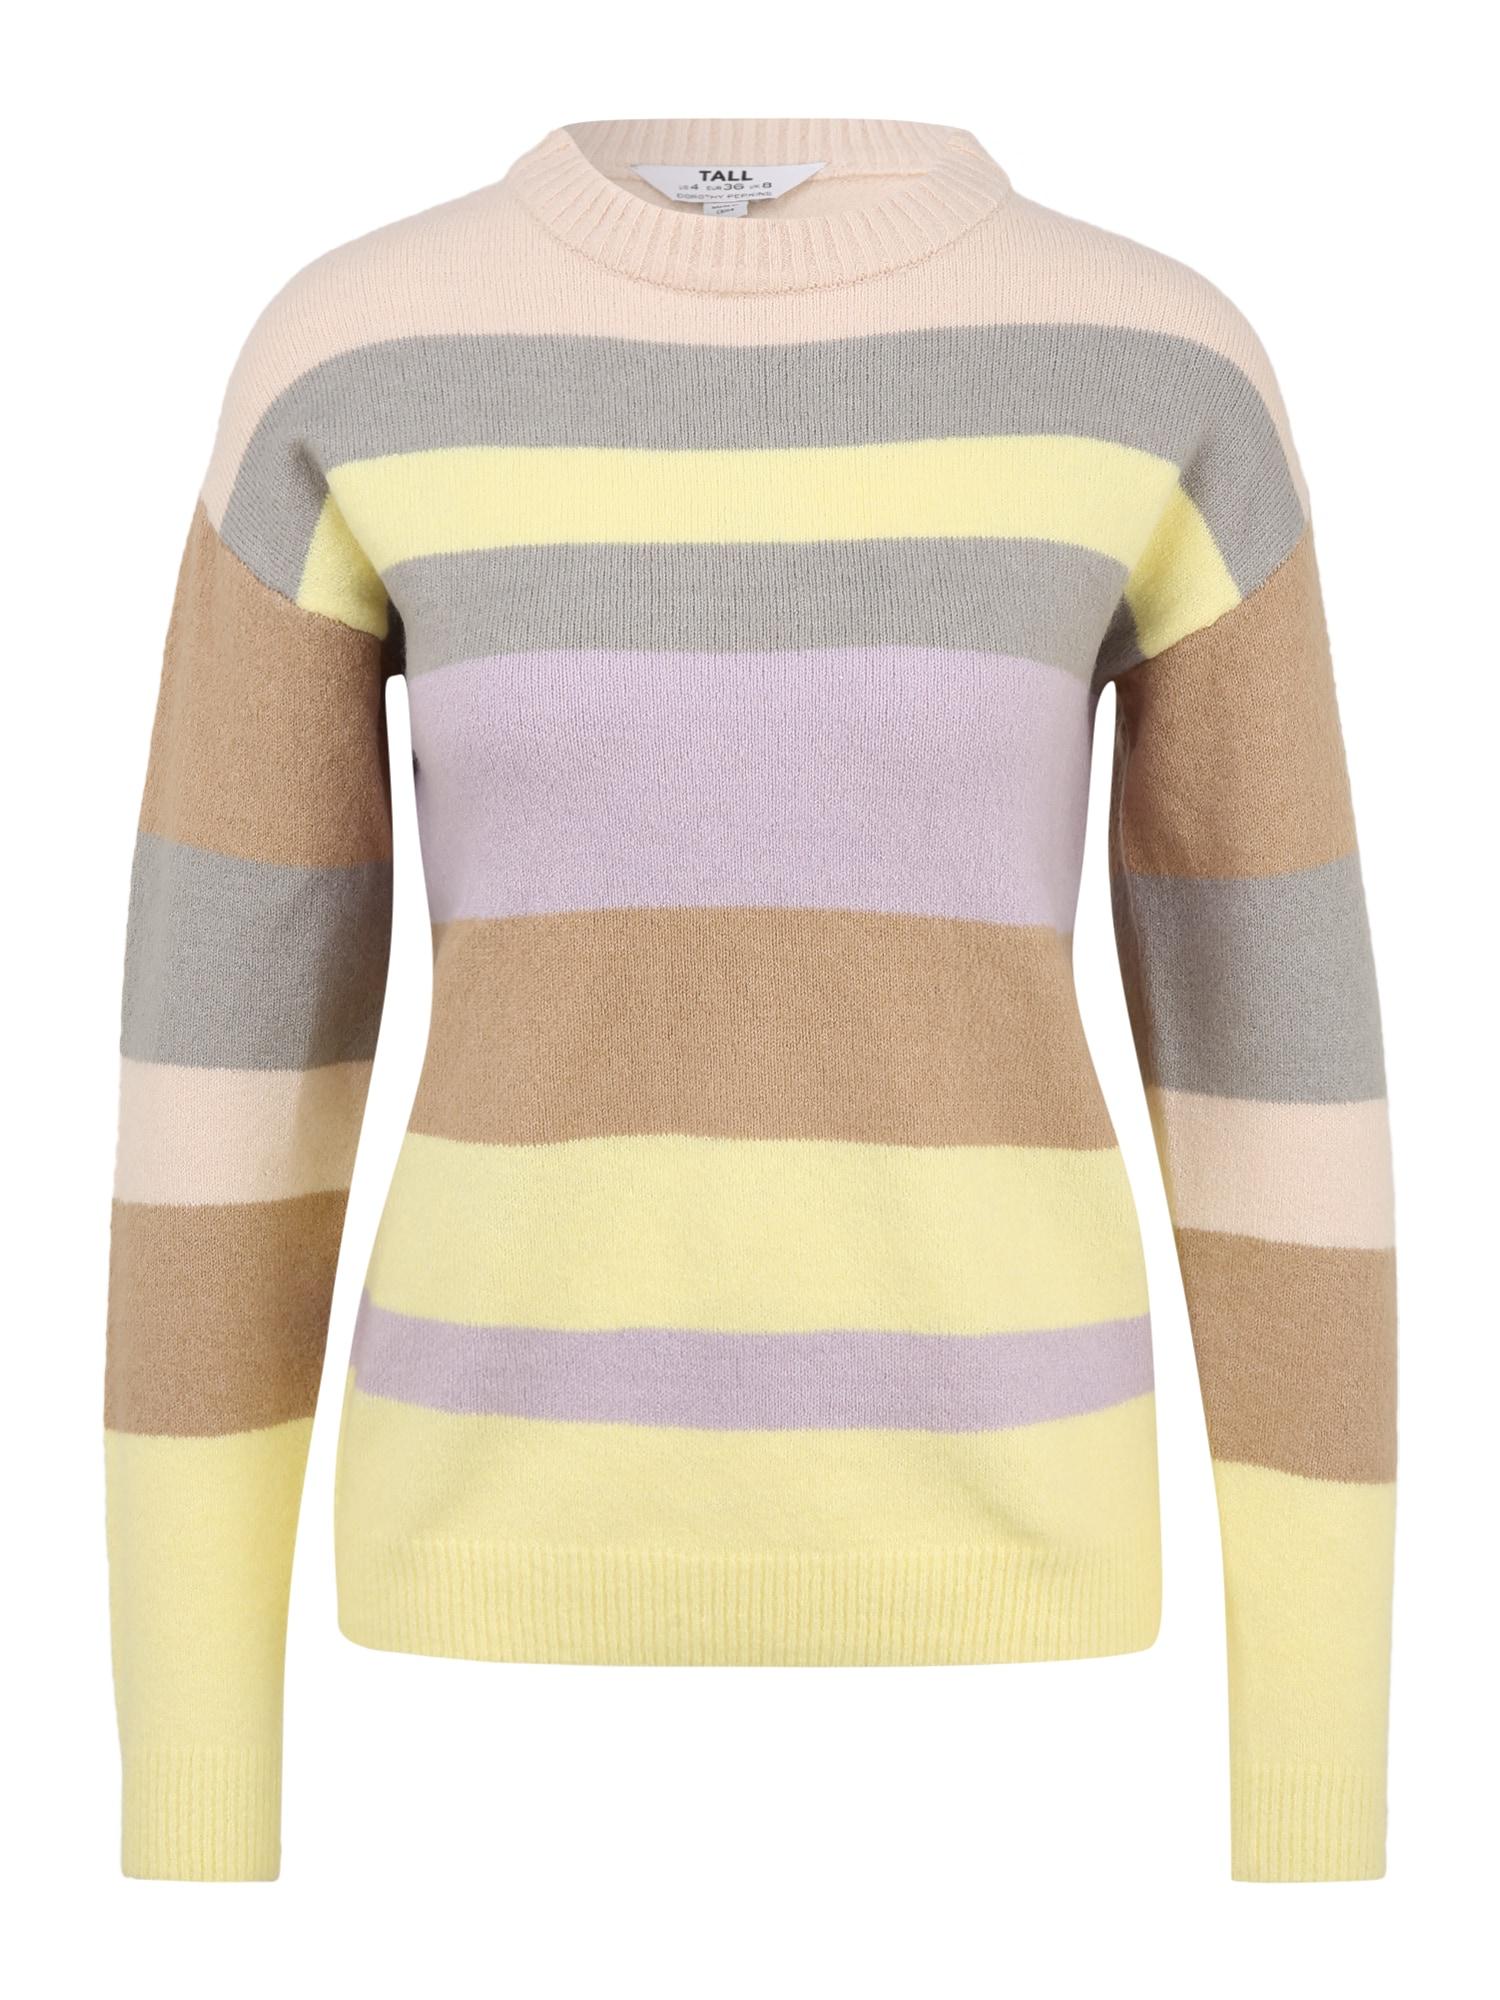 Dorothy Perkins (Tall) Megztinis šviesiai violetinė / pilka / šviesiai geltona / ruda / persikų spalva